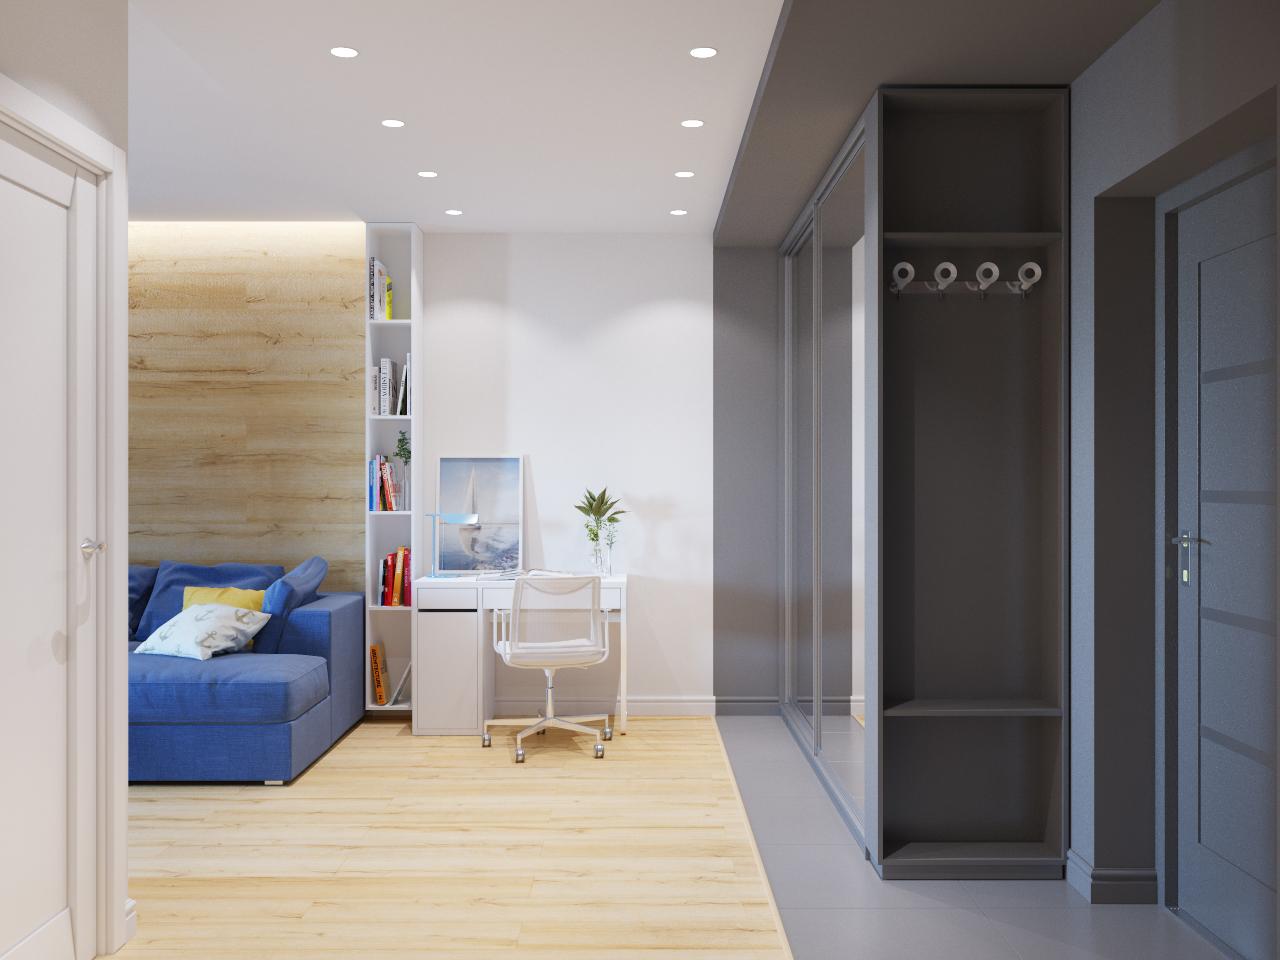 лучший цвет дверей для однокомнатной квартиры фото самого